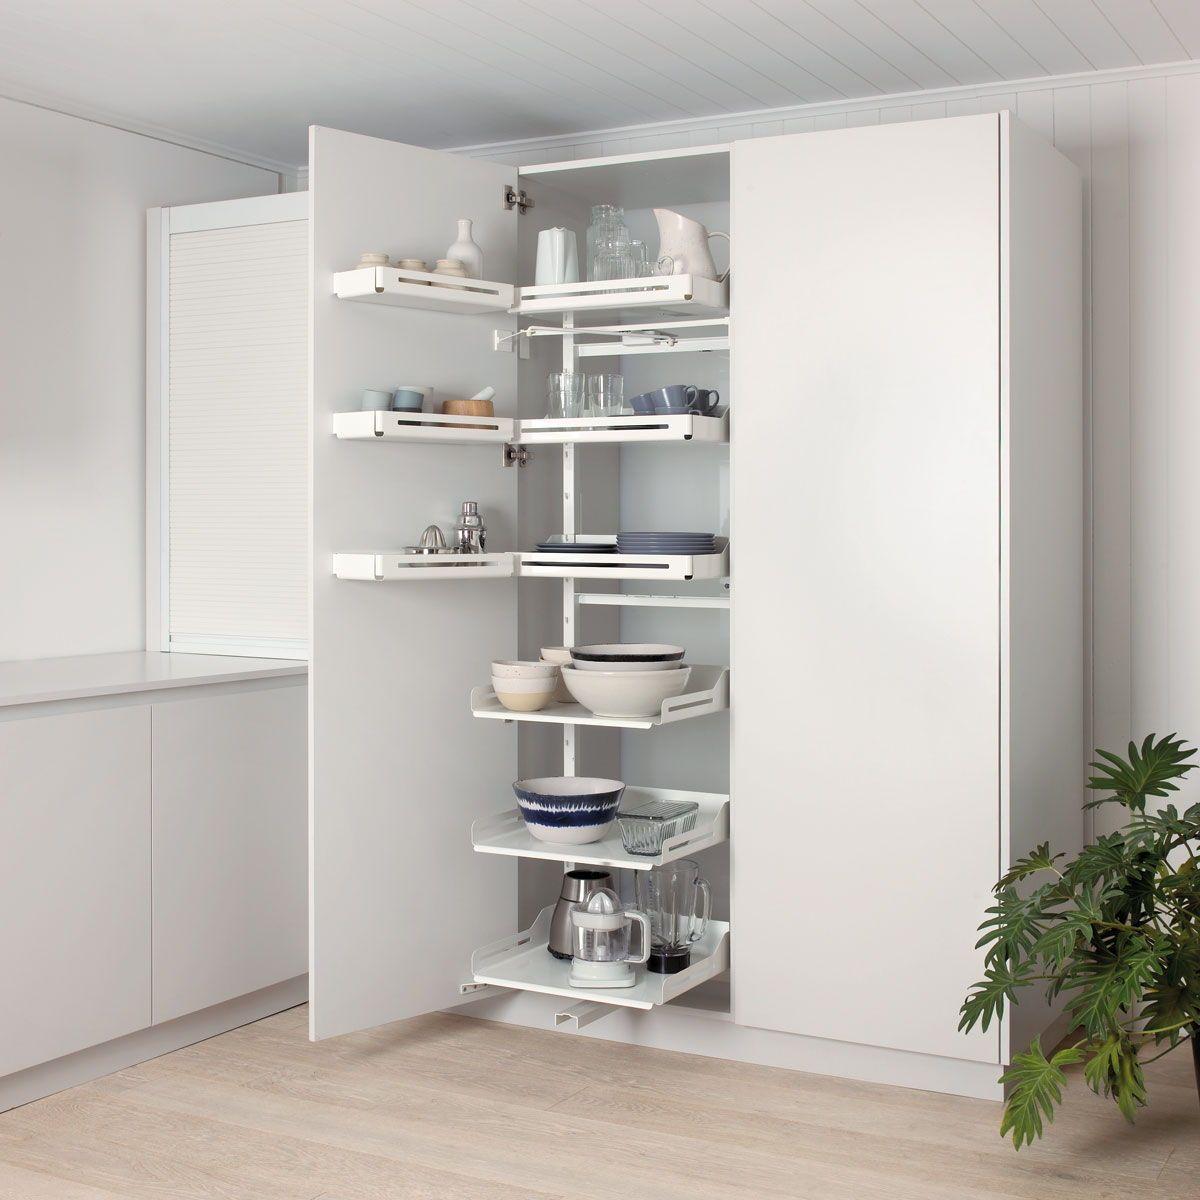 Full Size of Kleine Küche Aufbewahrung Küche Aufbewahrung Ideen Ideen Kleine Küche Aufbewahrung Küche Aufbewahrung Edelstahl Küche Küche Aufbewahrung